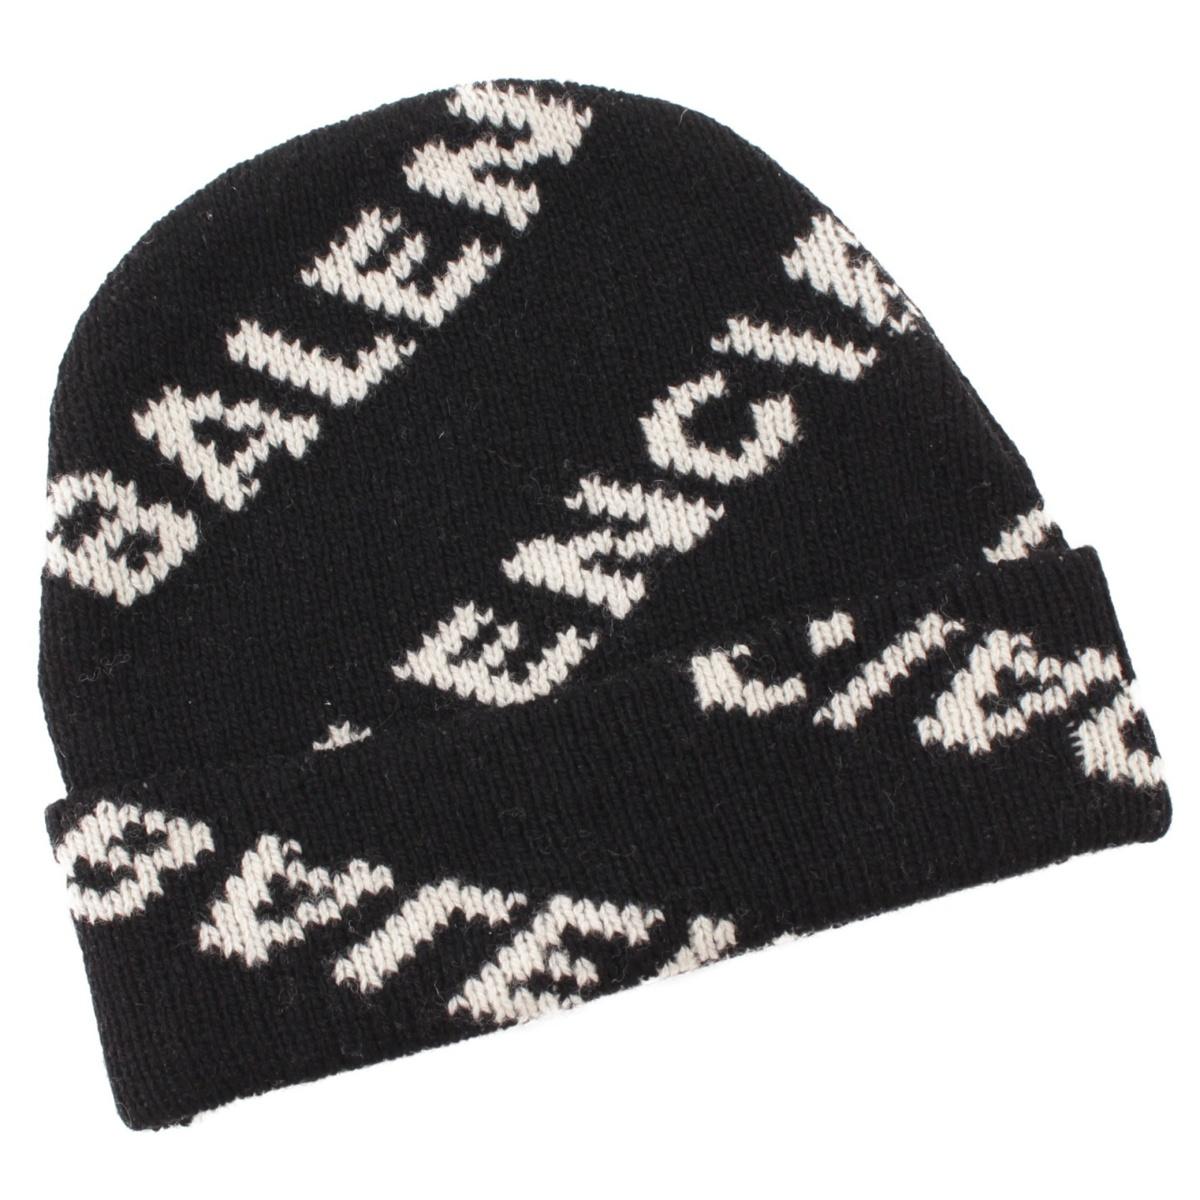 【バレンシアガ】Balenciaga 18AW ロゴ ビーニー ニットキャップ ニット帽 534447 ブラック 【中古】【鑑定済・正規品保証】58480